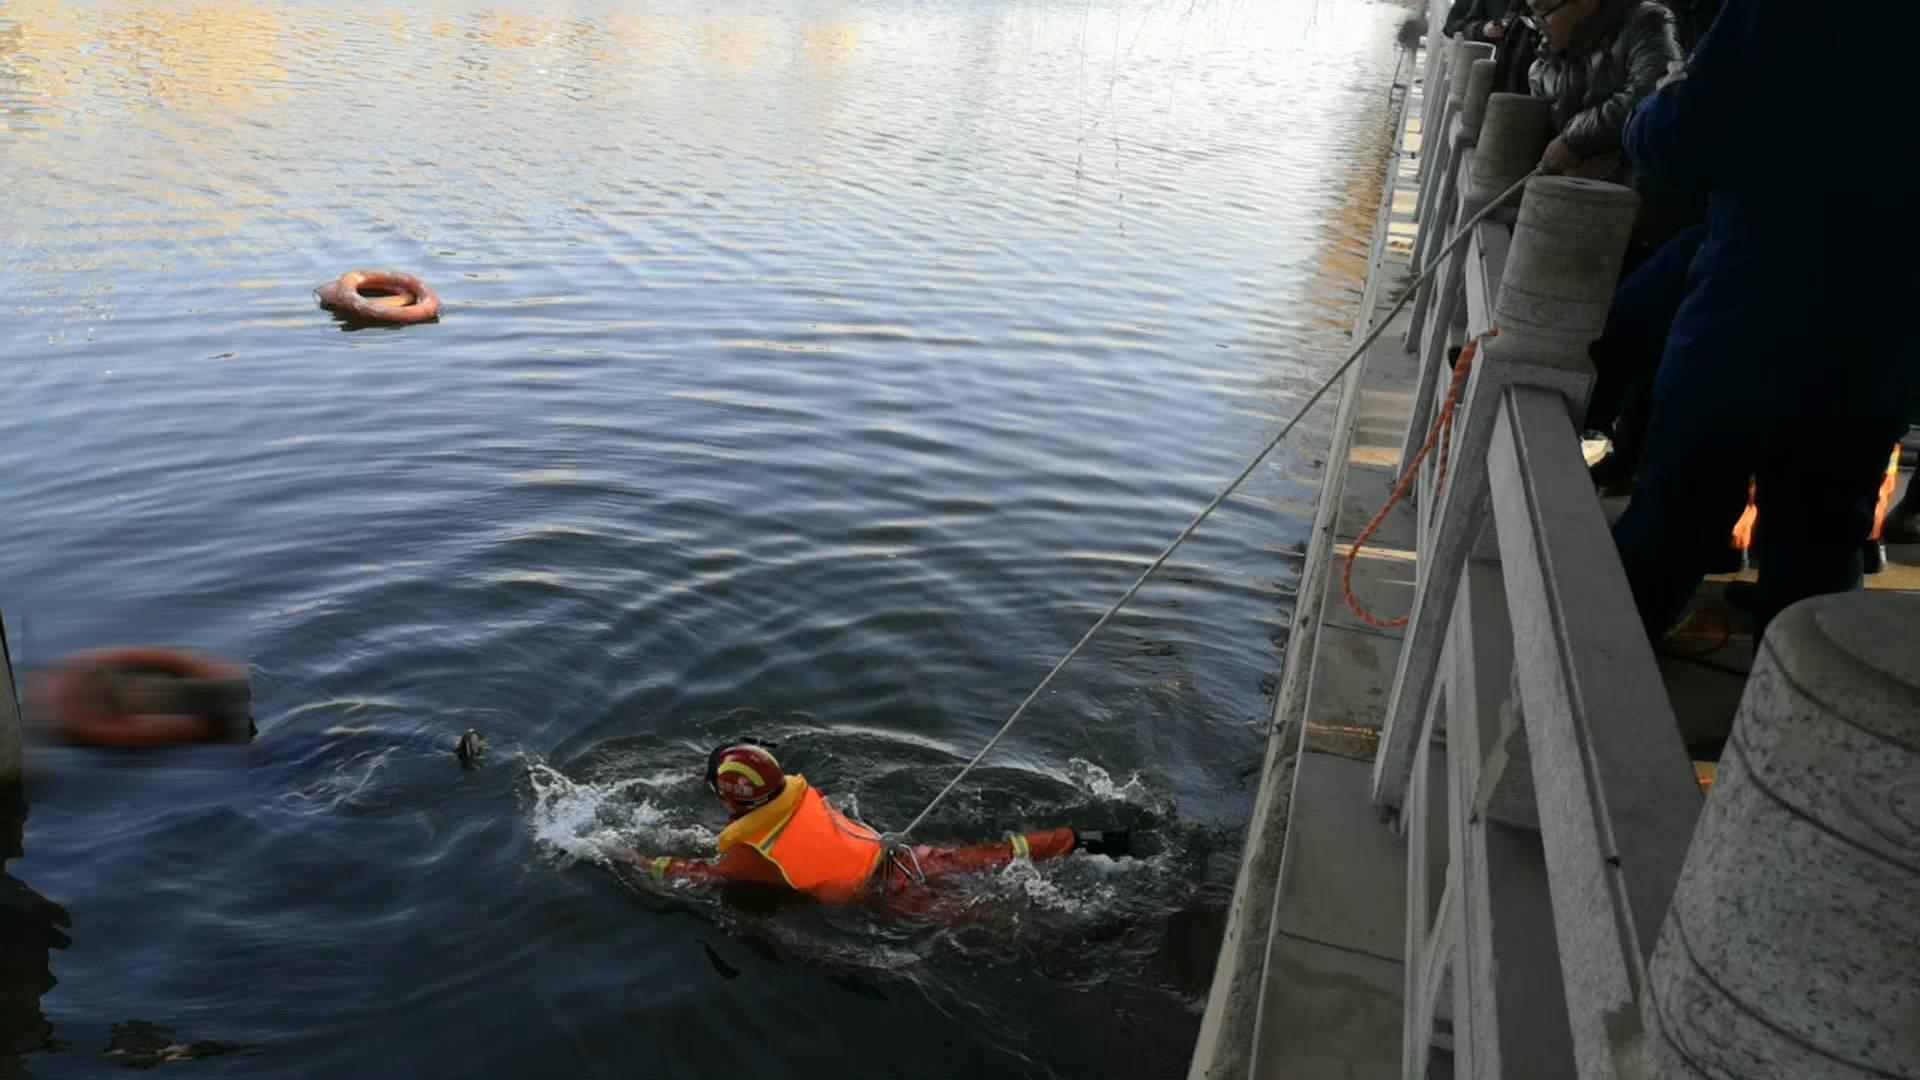 57秒丨-20℃连续两日跳河救人 00后消防员张翱翔:救人是我们应该做的